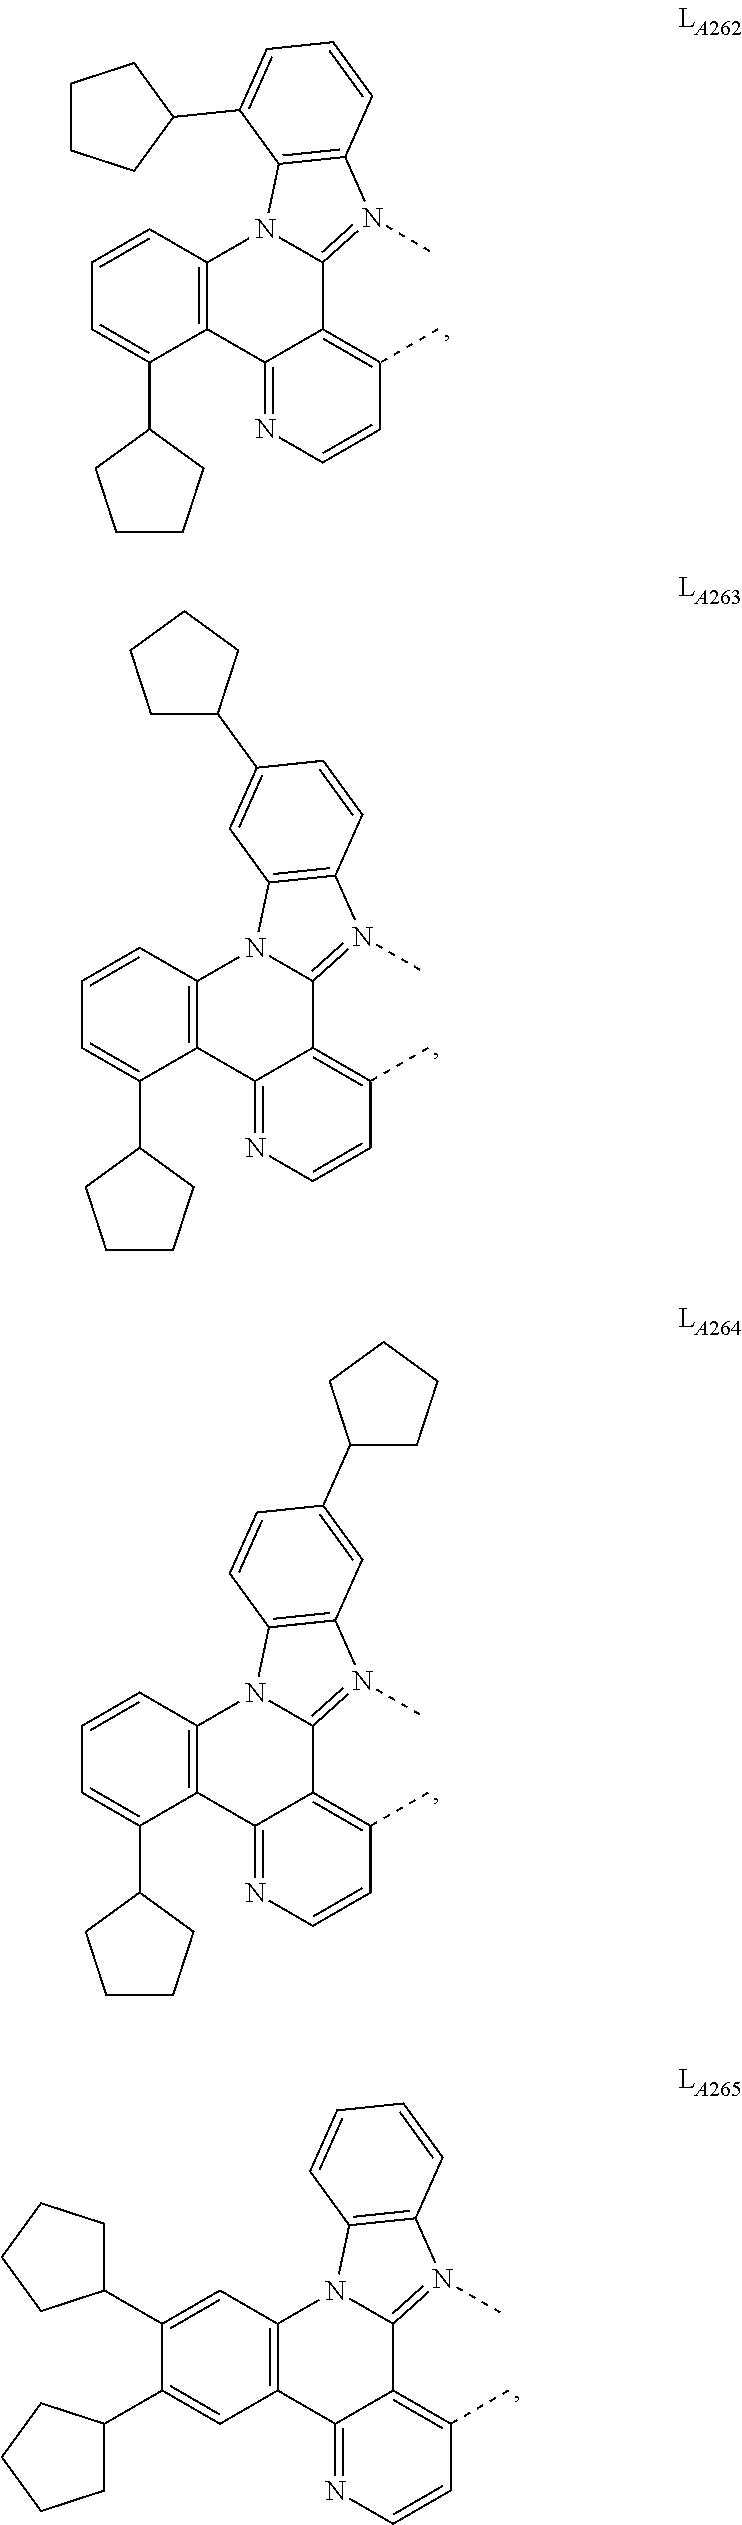 Figure US09905785-20180227-C00086